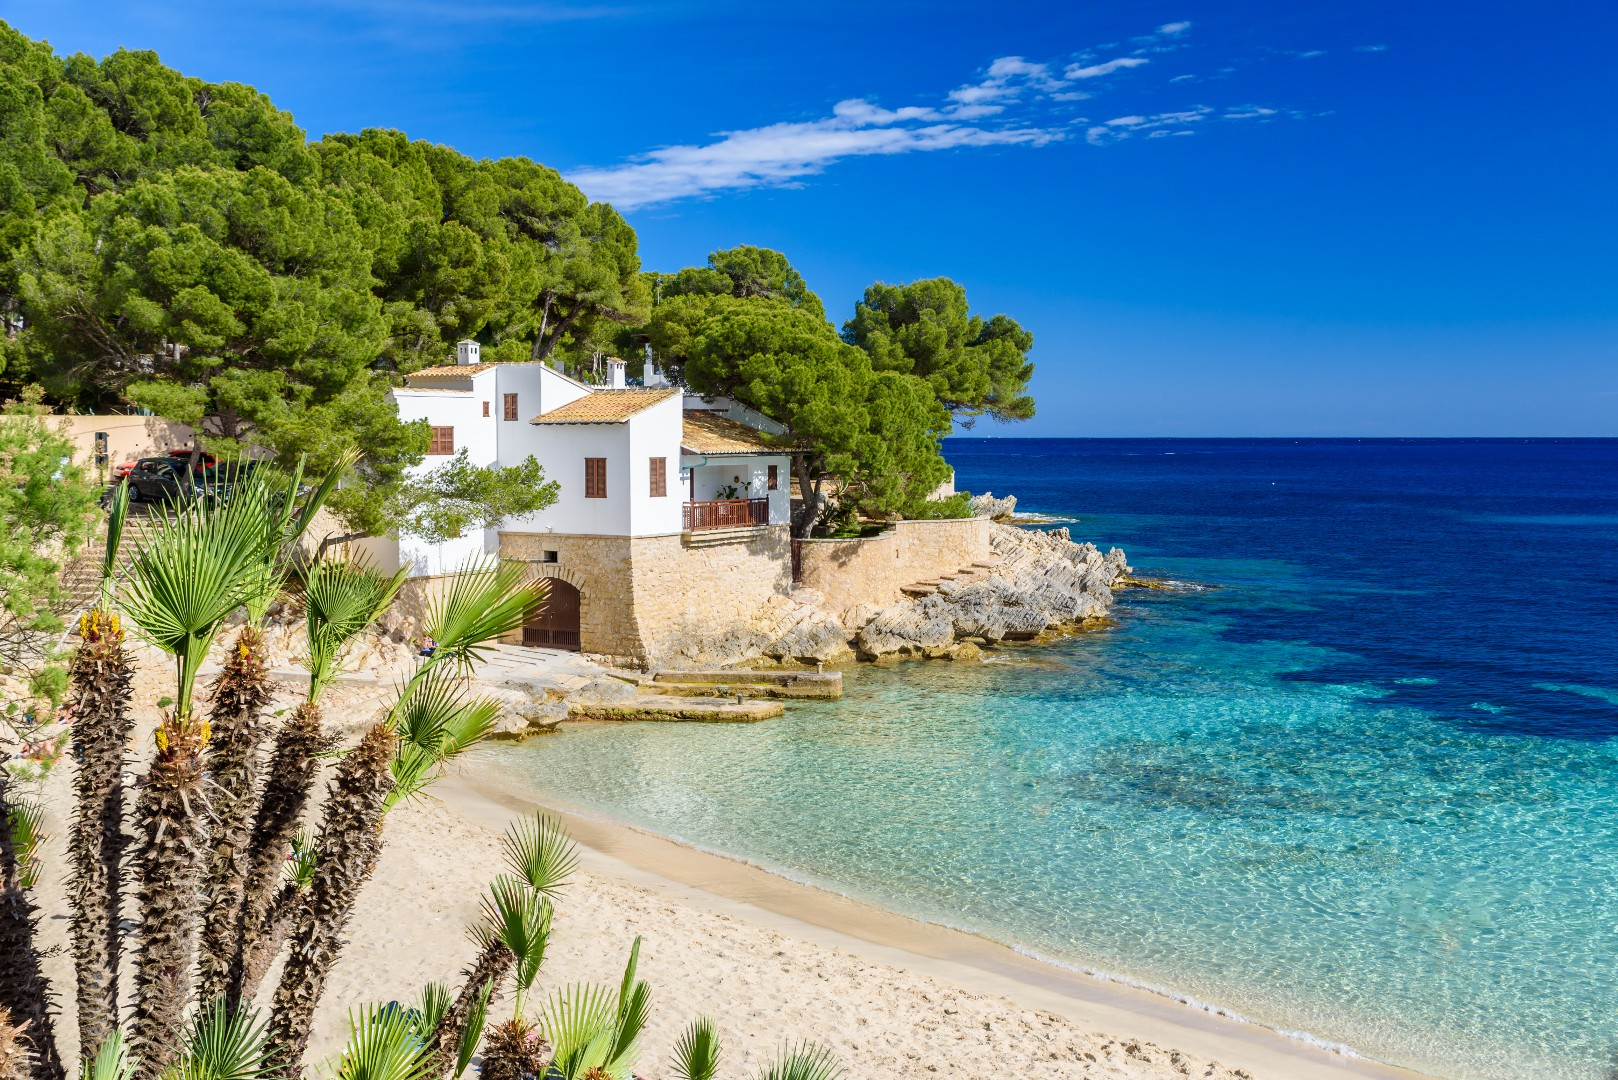 Ferienhauser Und Ferienwohnungen Am Strand Weltweit